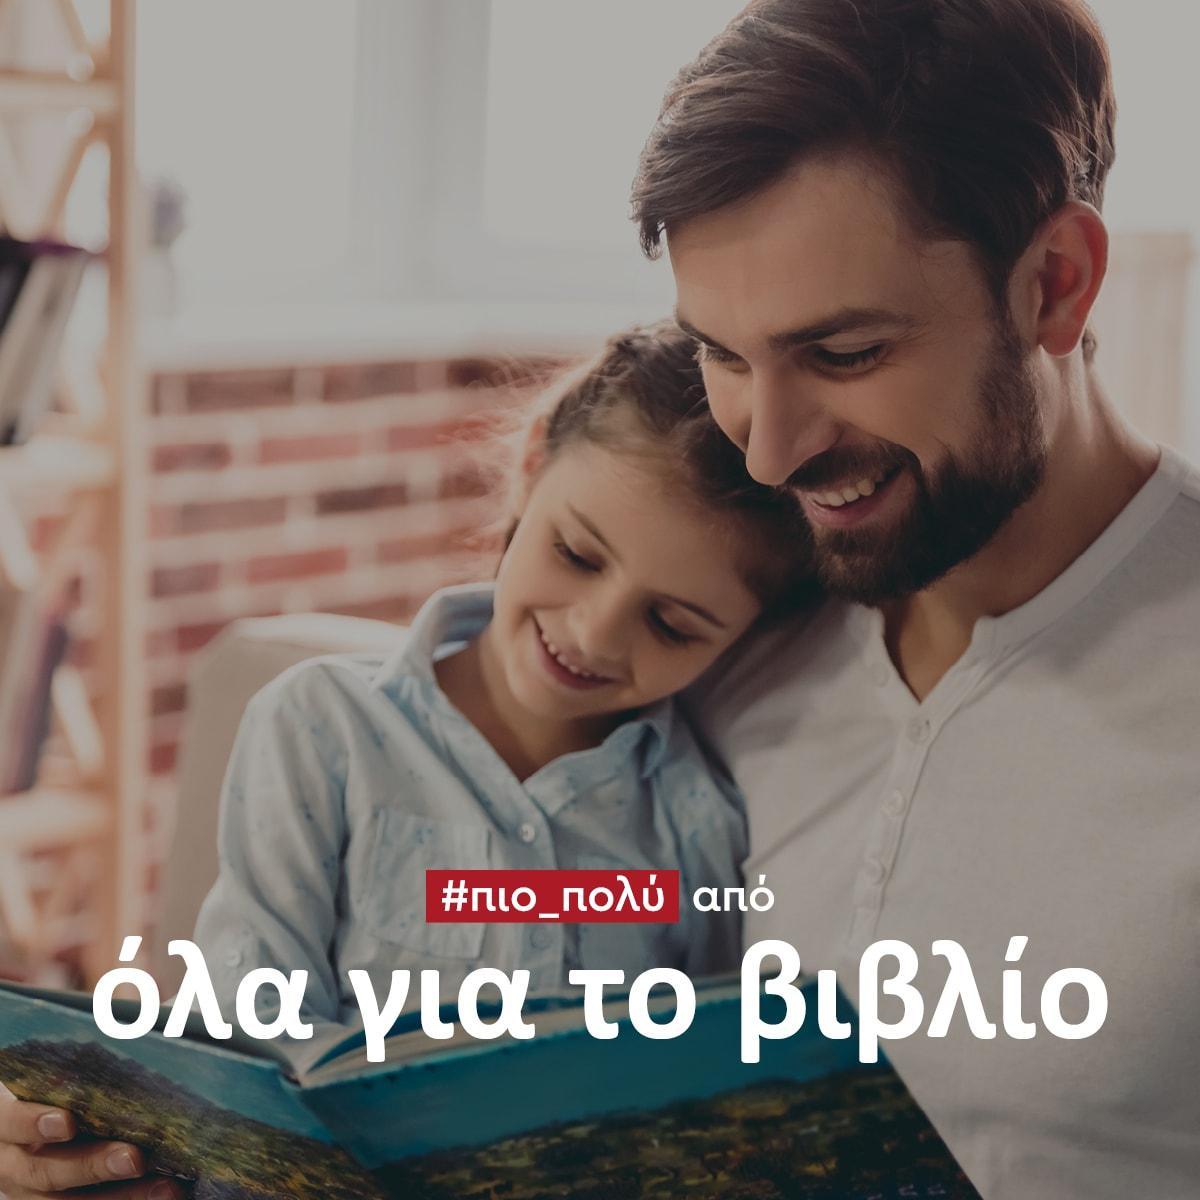 Πασχαλινά βιβλία που θα κρατήσουν απασχολημένους μικρούς και μικρές